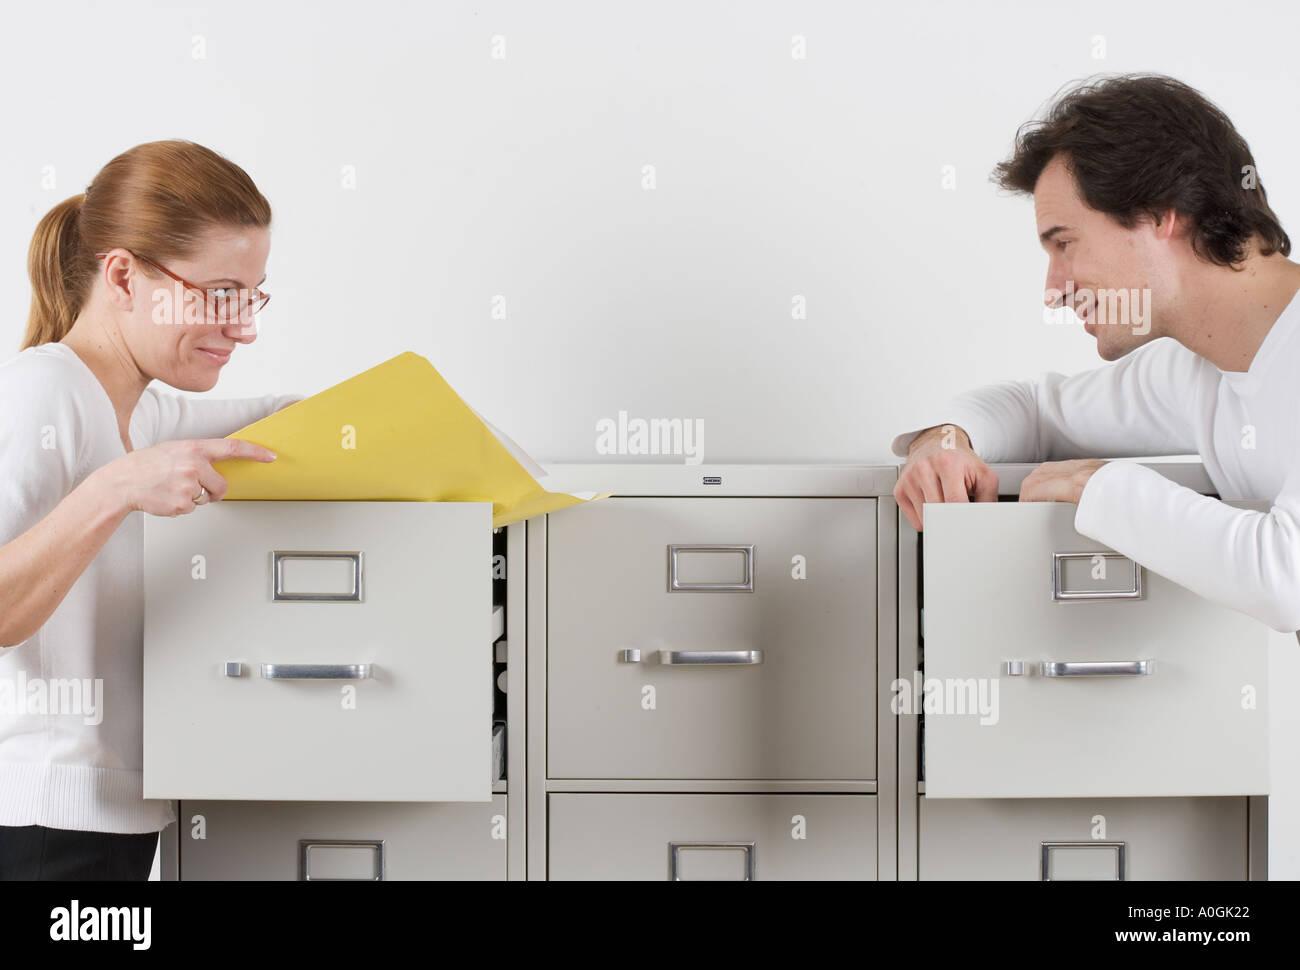 Couple gazing avec amour sur des armoires Photo Stock